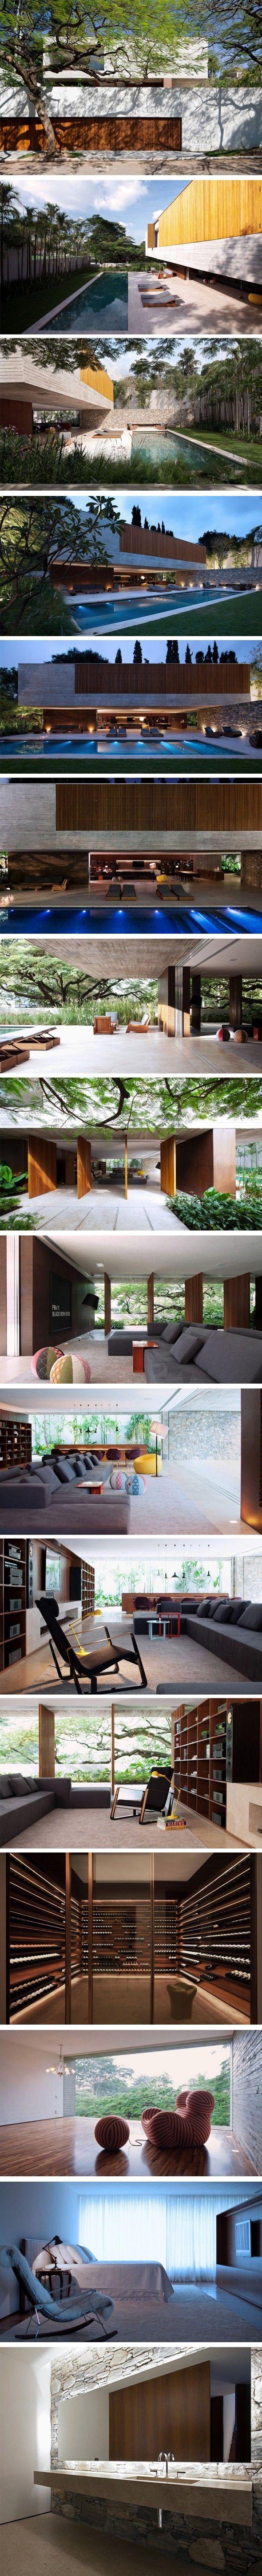 Volume en béton sur base en verre Très belle réalisation du StudioMK27, l'Ipês House située au Brésil, est une résidence imposante mais à la fois aérée et